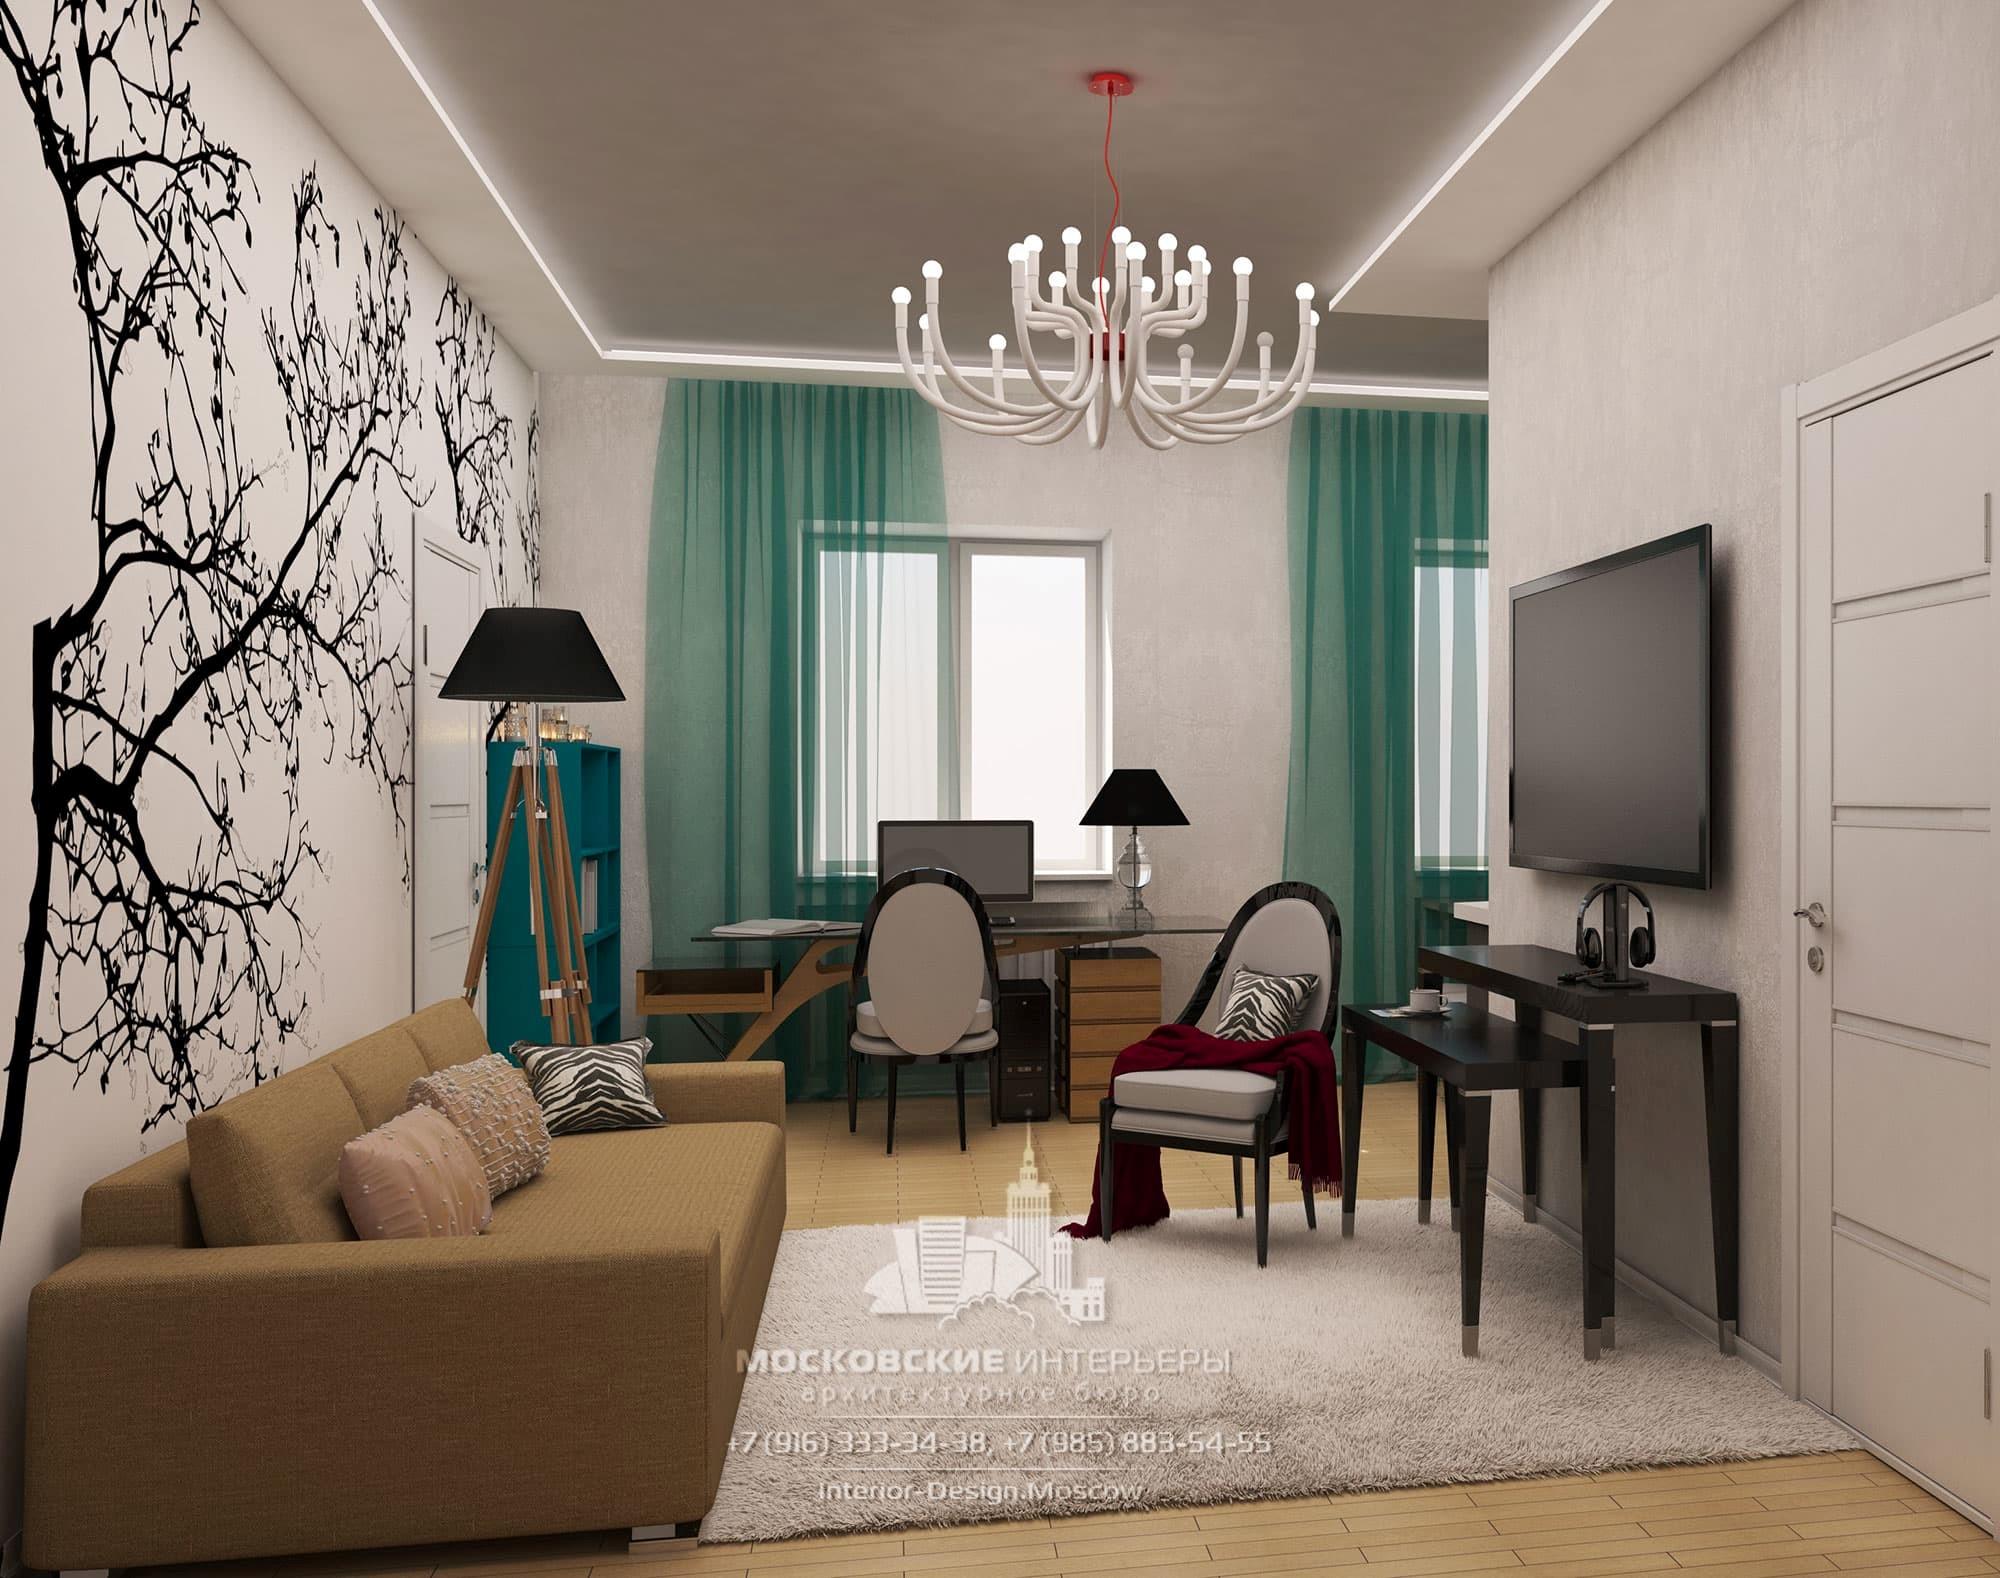 Дизайн квартиры в светлых тонах с зеленовато-синими акцентами